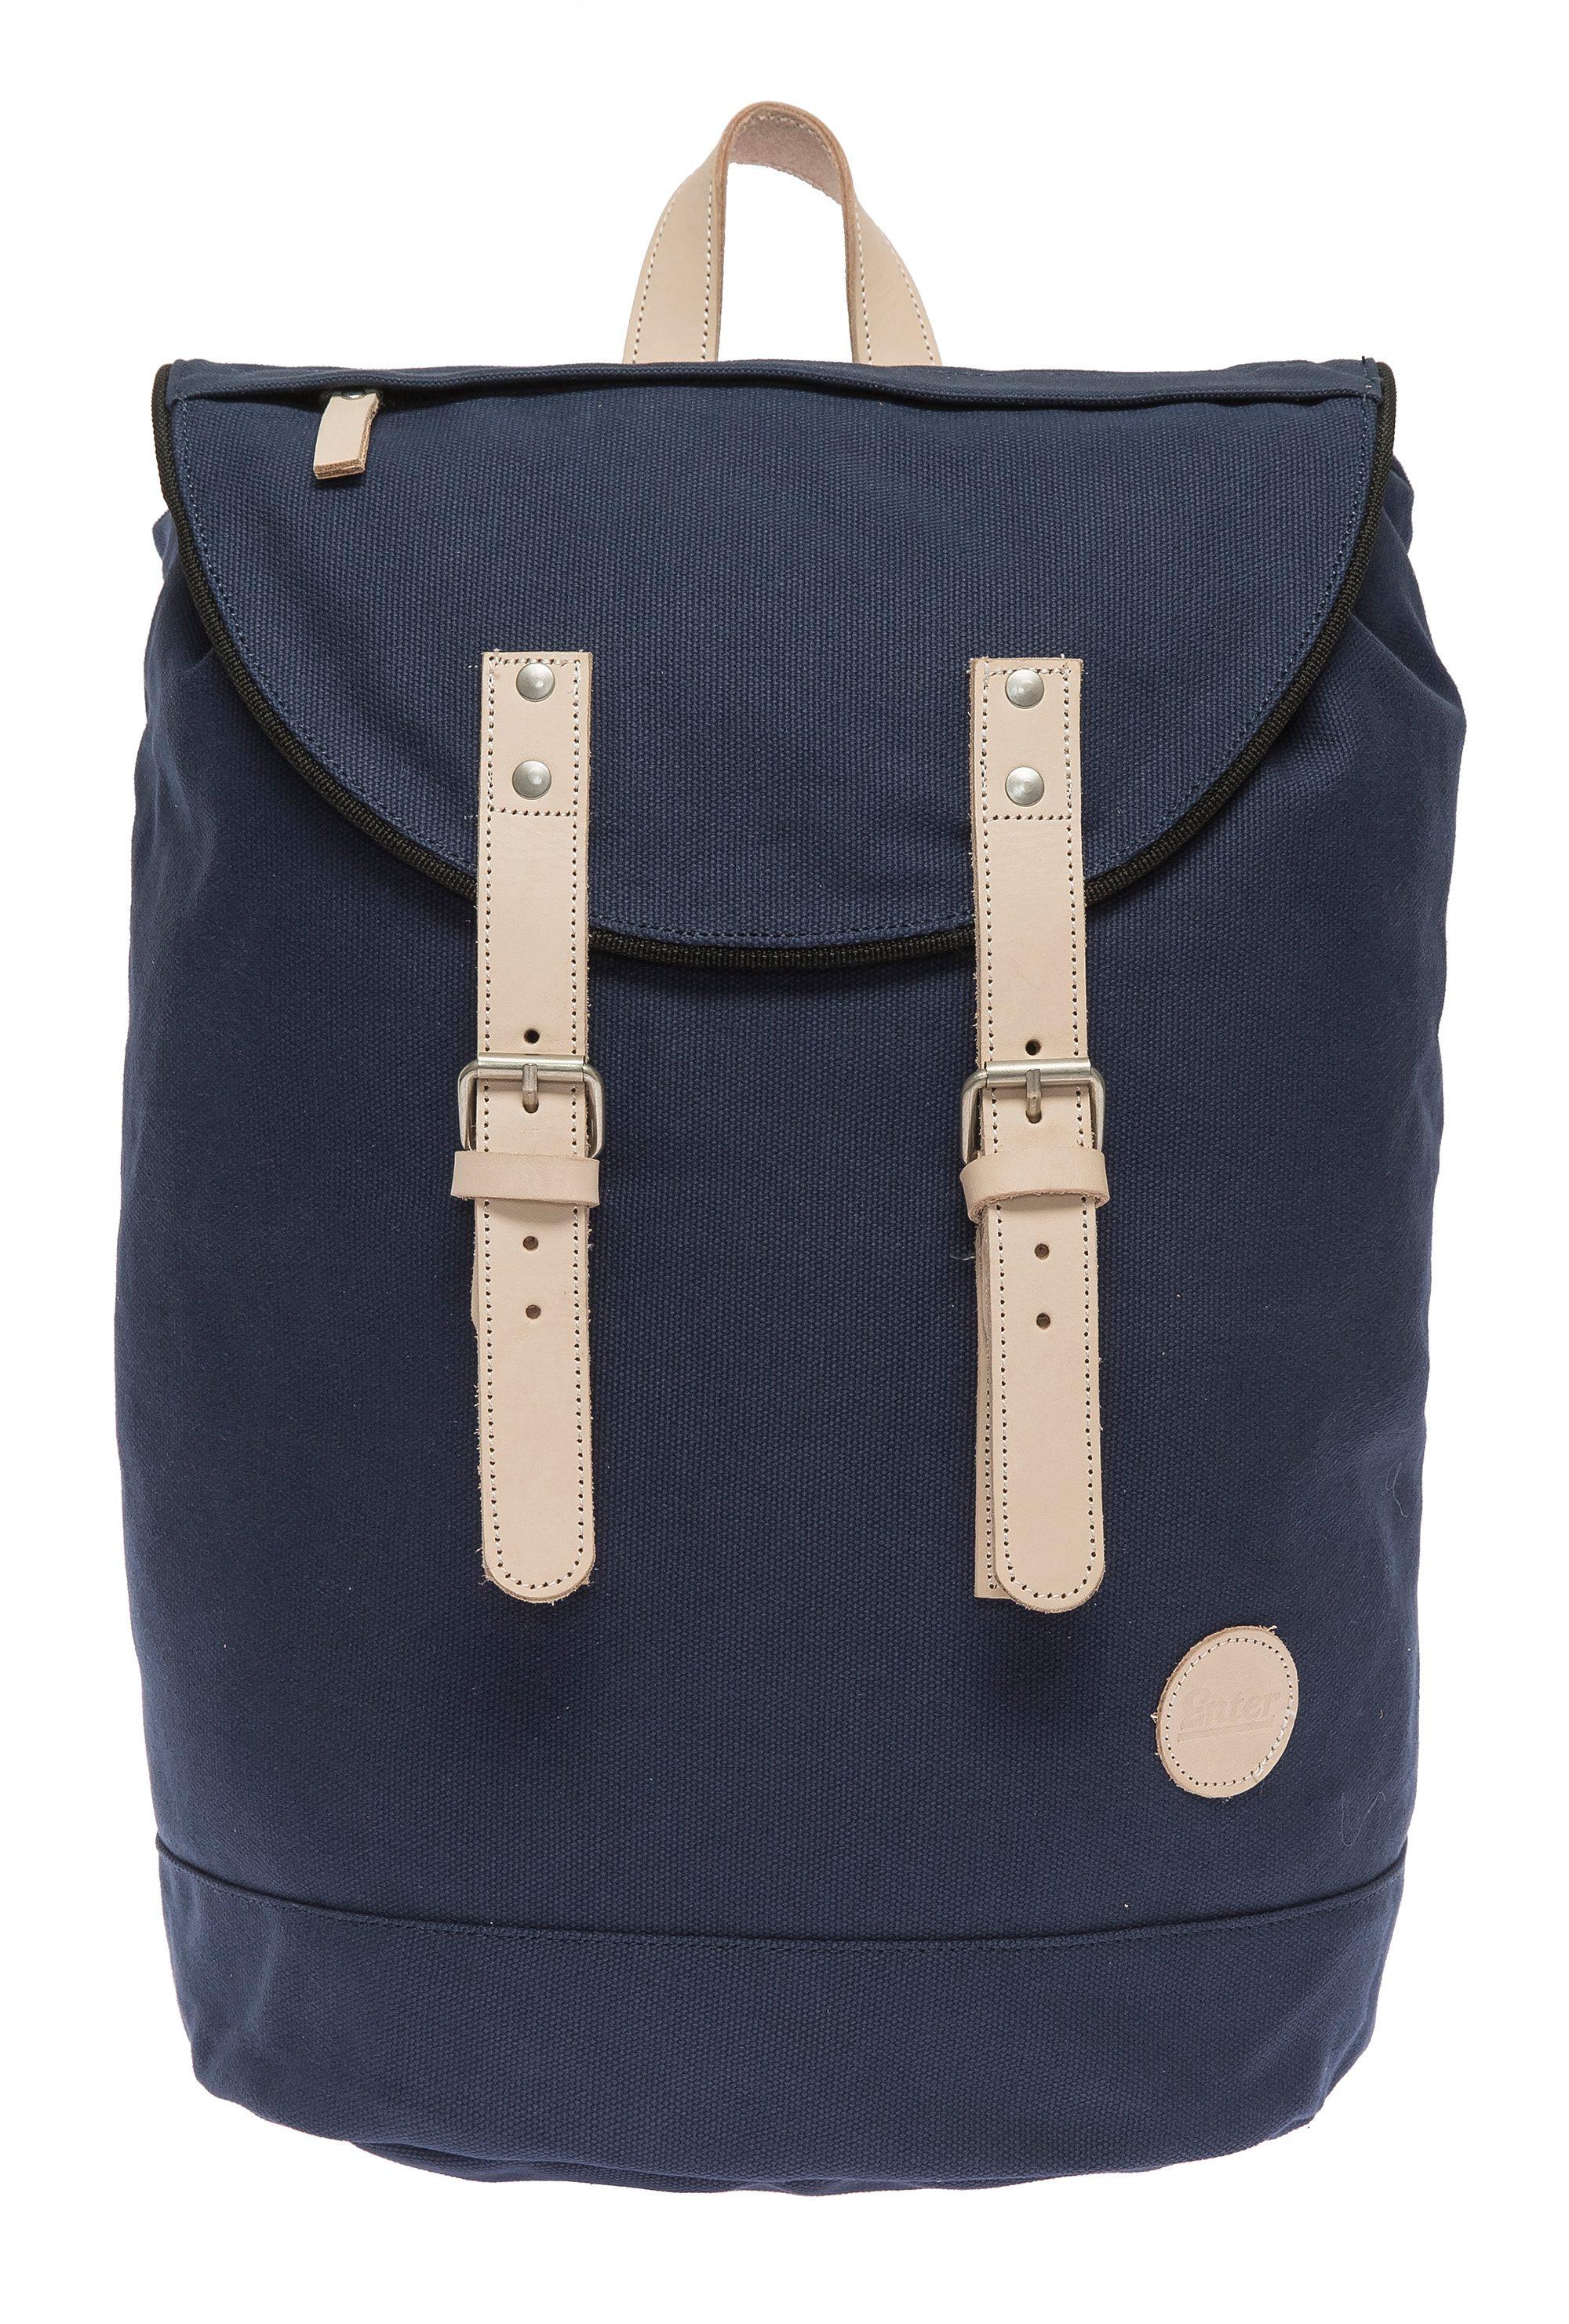 Enter Rucksack mit Echtleder-Applikationen, »Day Hiker Bag, Navy/Natural«